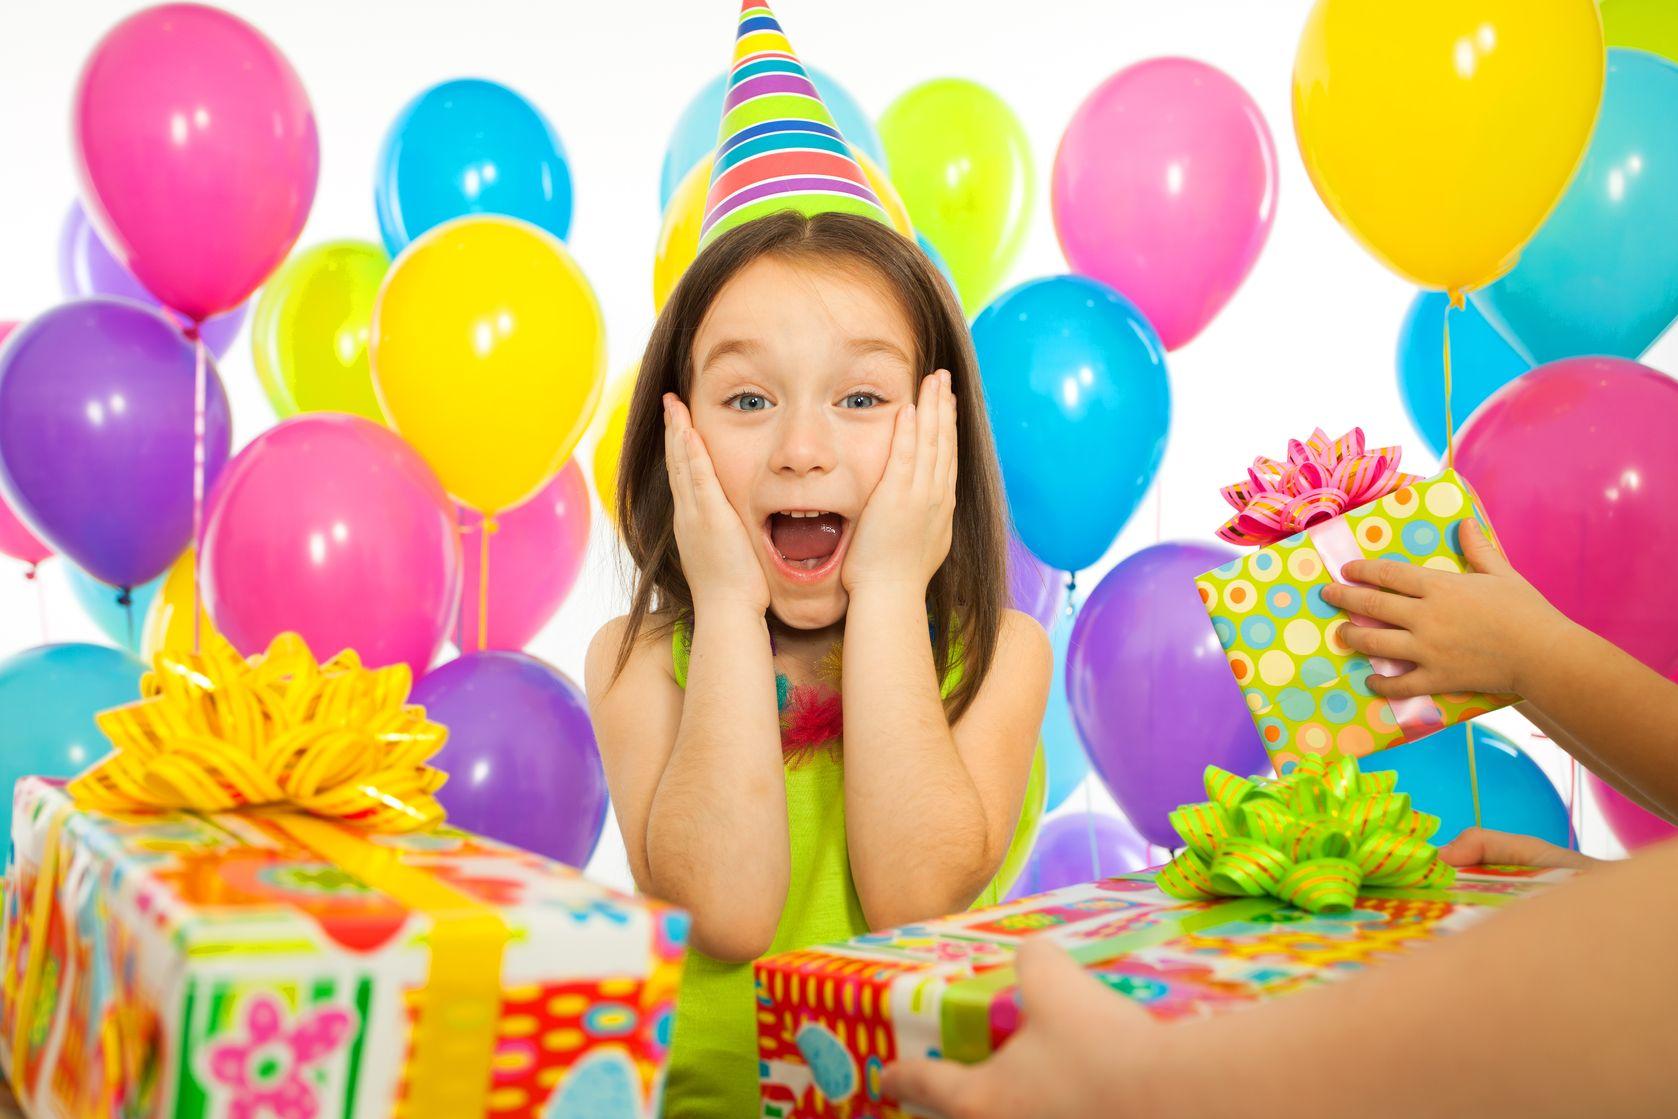 מגוון מתנות לילדים הכי שוות שיש לימי ההולדת של החברים